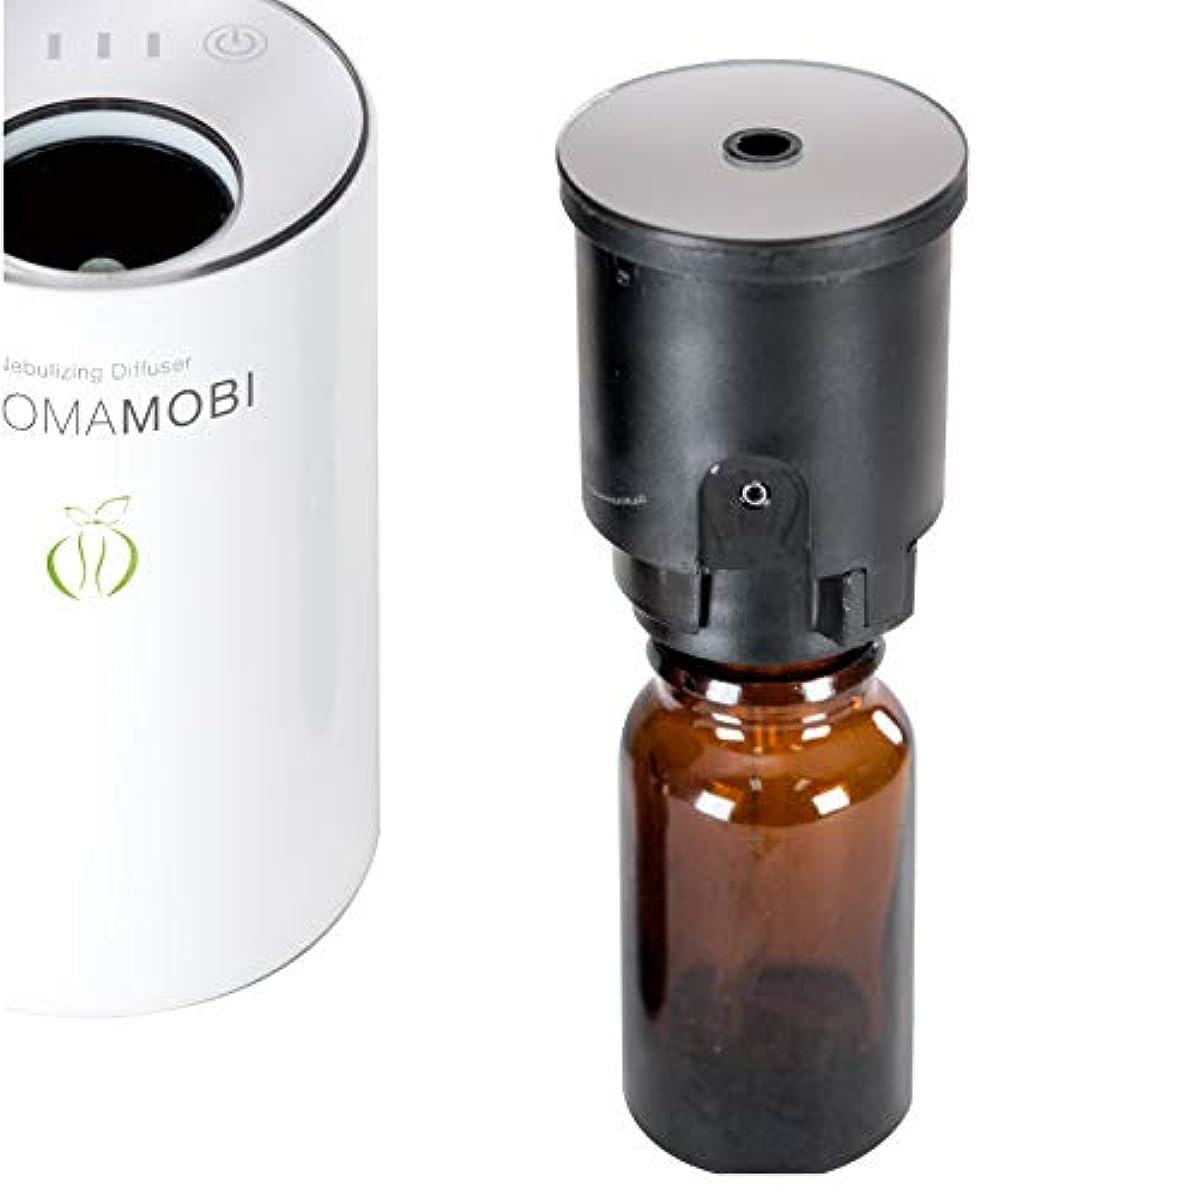 ストレスゼロなめるfunks アロマモビ 専用 交換用 ノズル ボトルセット aromamobi アロマディフューザー